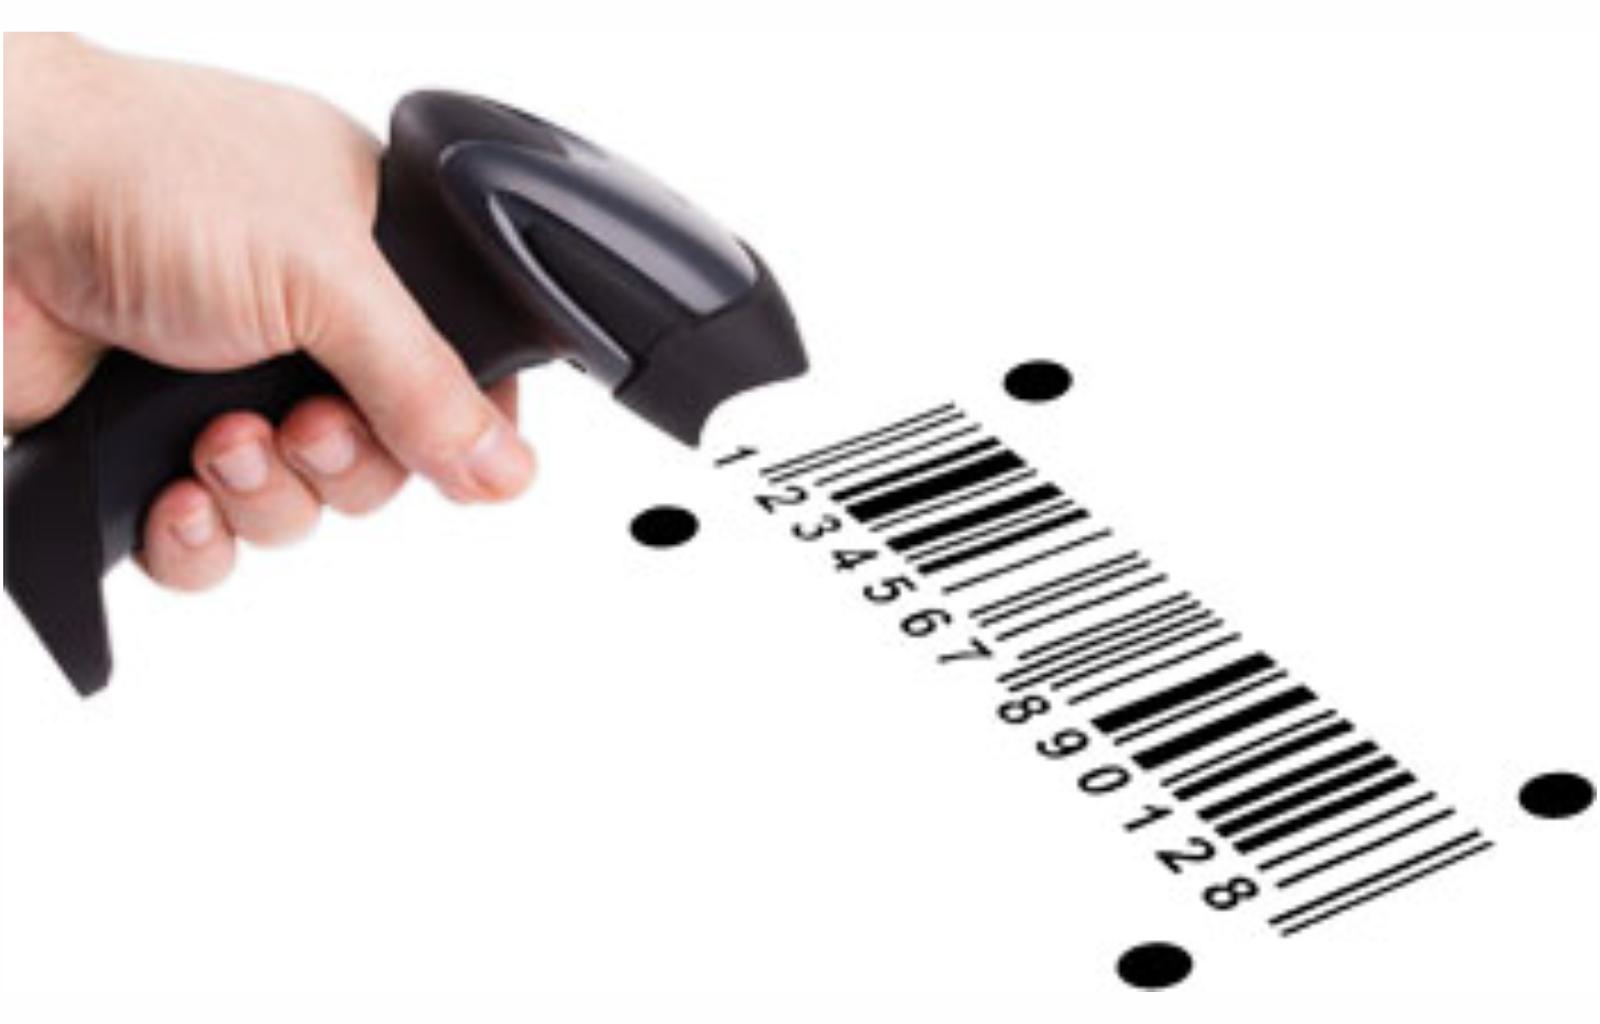 D:\New folder\Documents\QTW_Anphaply\dịch vụ đăng ký mã số mã vạch\ma-so-ma-vach.png